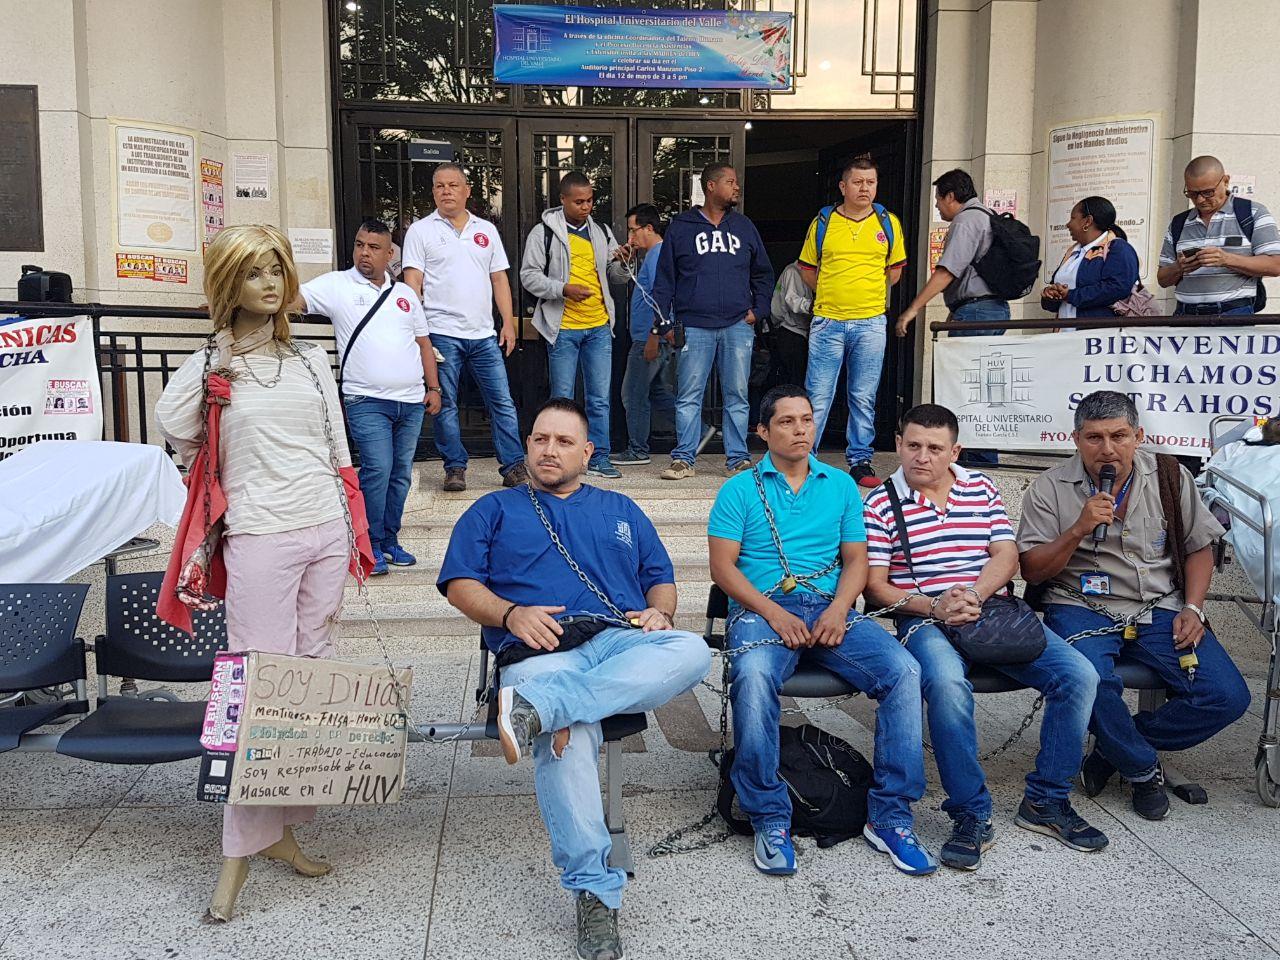 """Encadenados, empleados del HUV protestan por lo que denominan """"masacre laboral"""""""